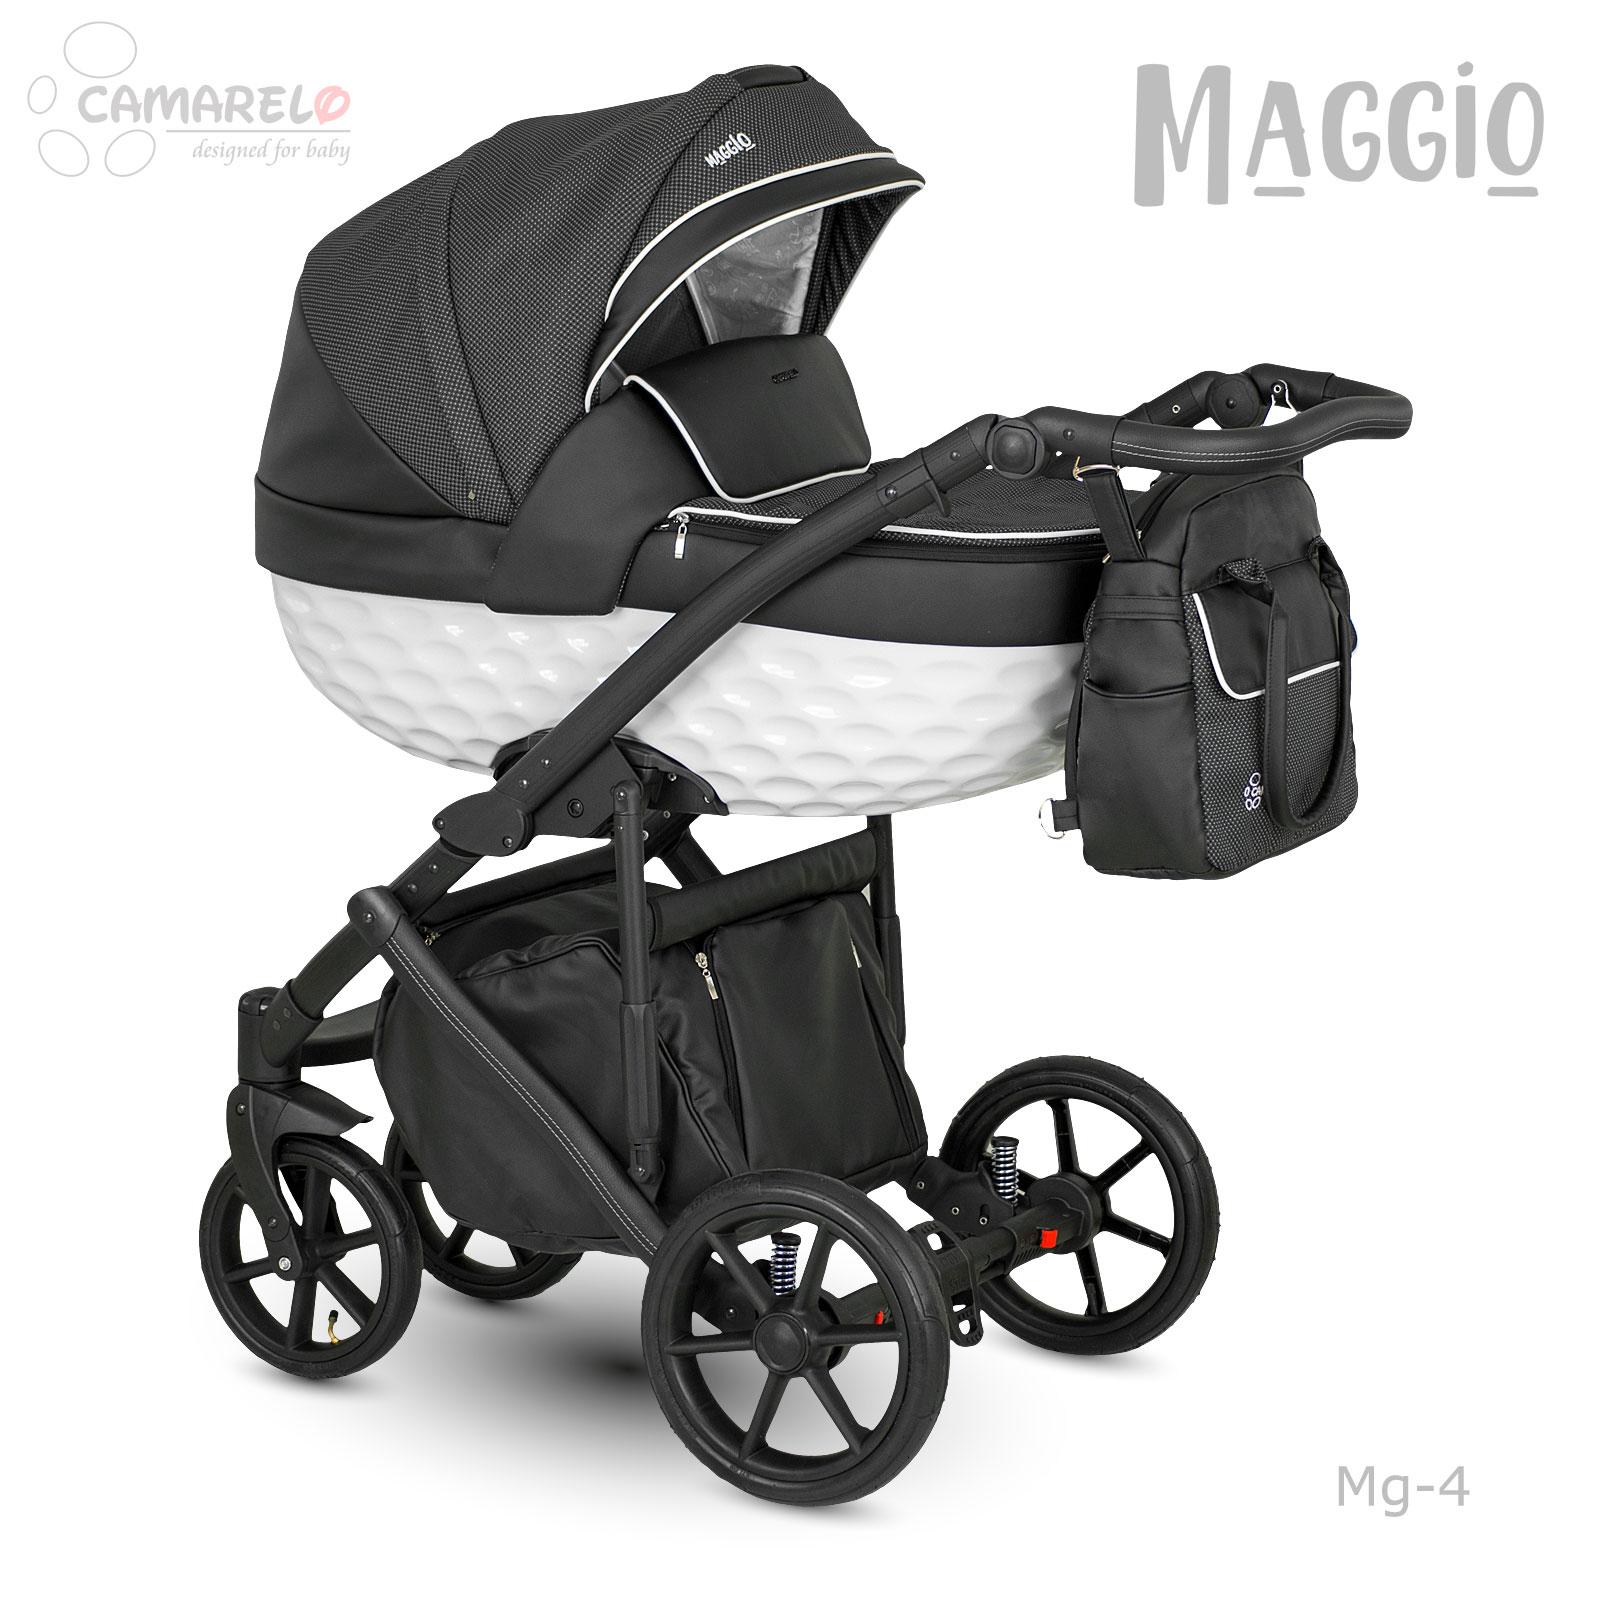 Maggio-Mg-04a